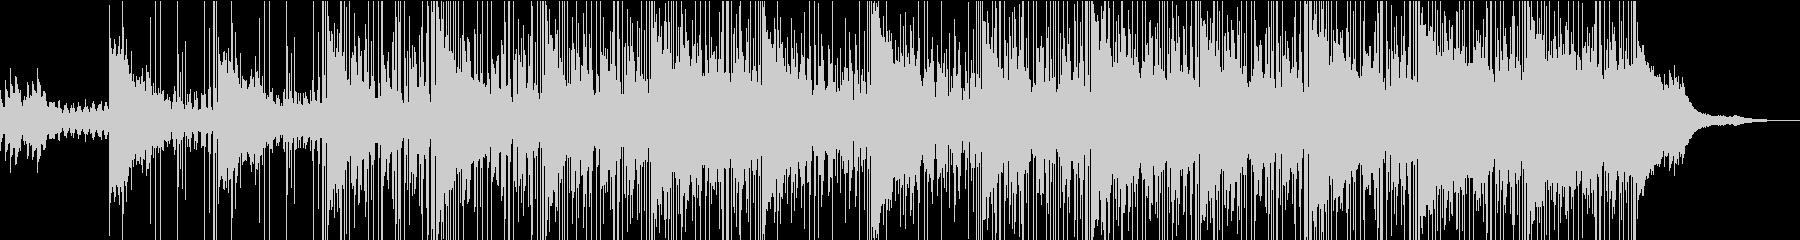 ゆったりとしたクールな映像向けBGMの未再生の波形